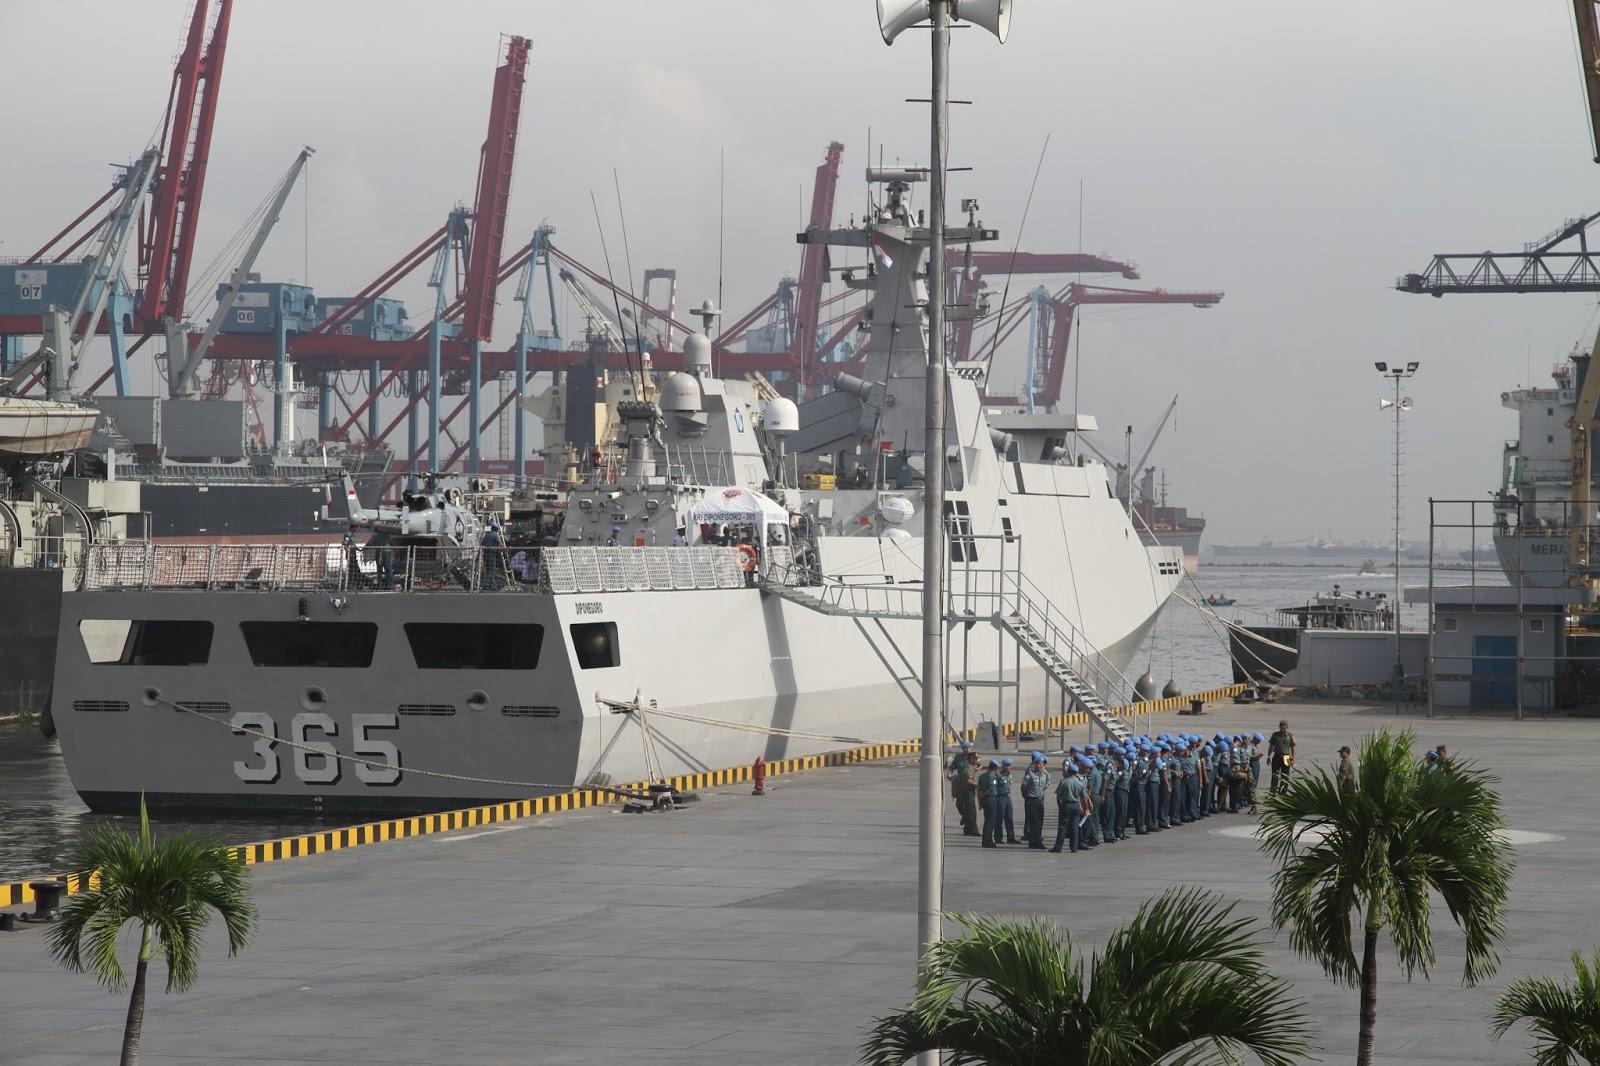 Wisata Edukasi Kapal Perang Untuk Anak TK-SD ...